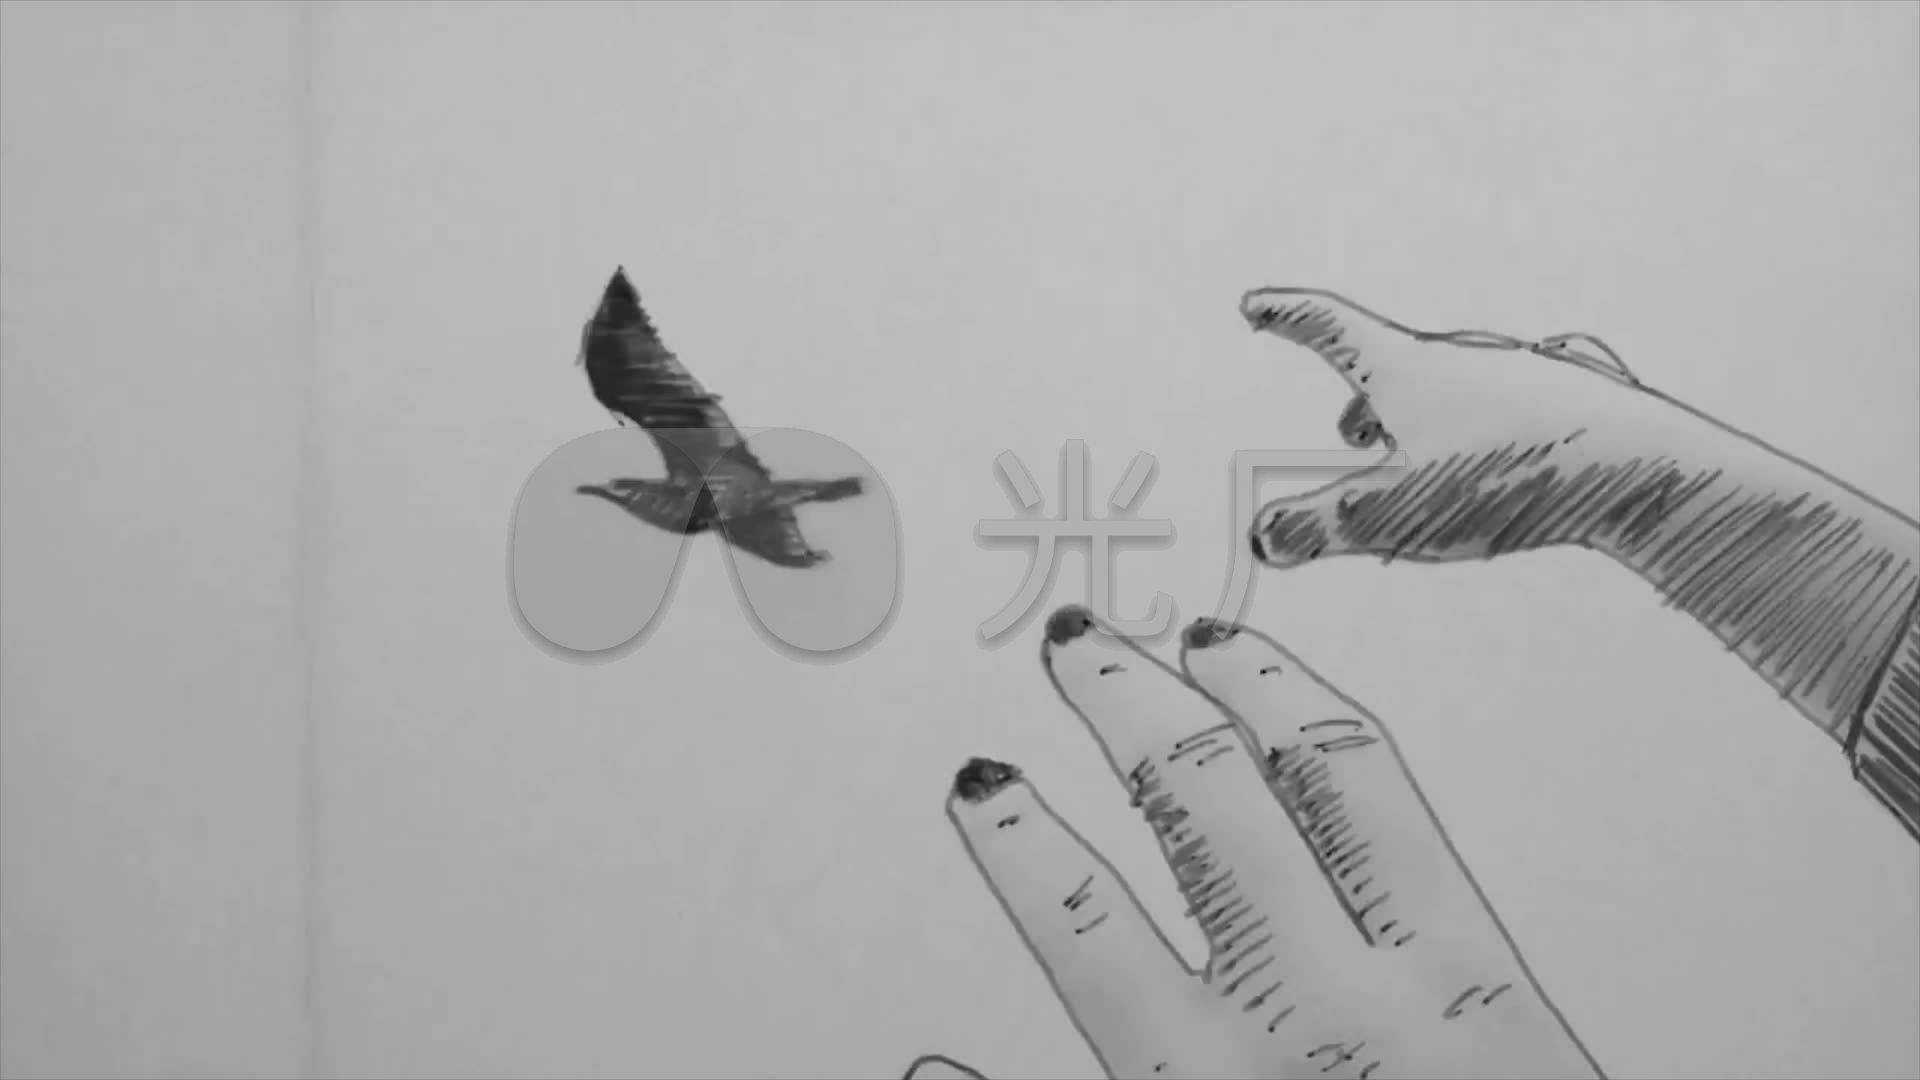 骑士插画催眠眼睛漫画线条白描_1920X1080_a骑士萌美女龙之谷漫画图片